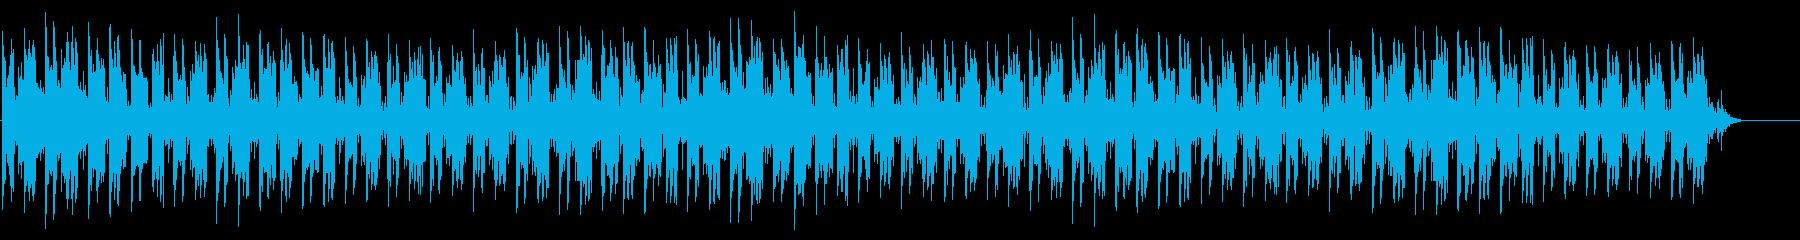 あやしげなエレクトロ、ゆったりラウンジでの再生済みの波形